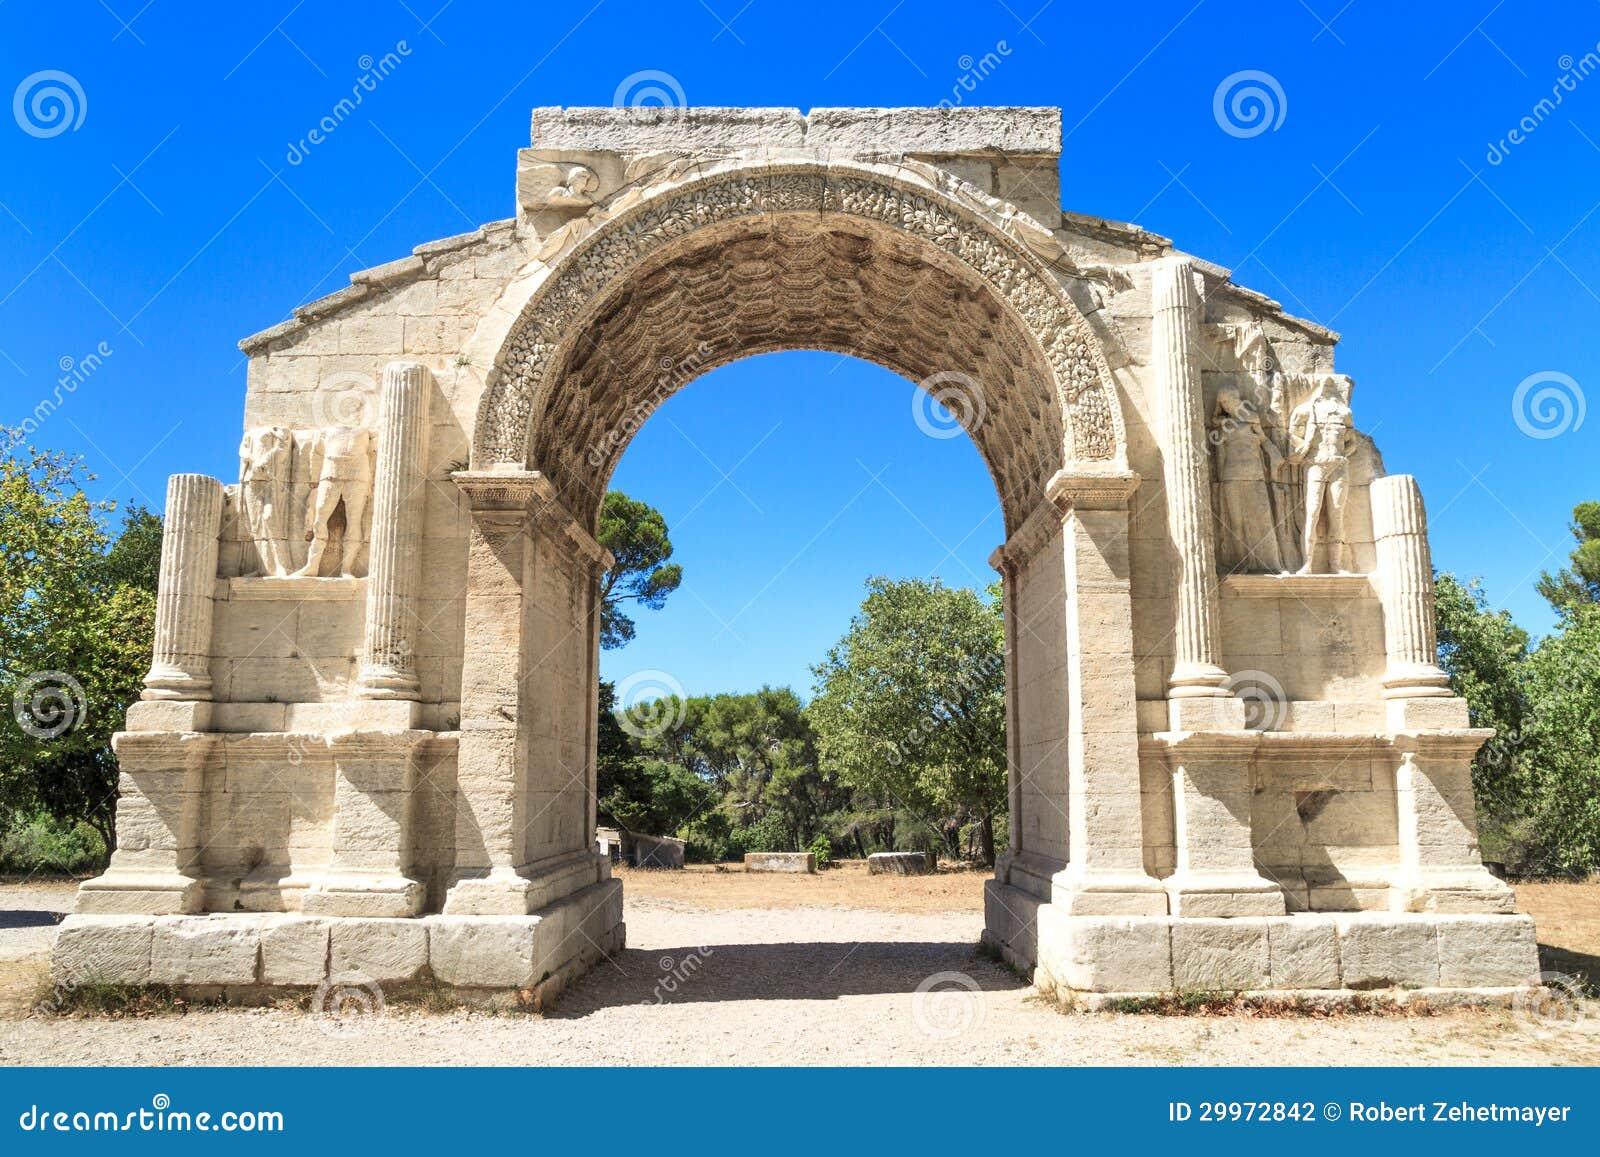 roman city of glanum triumphal arch saint remy de provence fr stock photo image 29972842. Black Bedroom Furniture Sets. Home Design Ideas